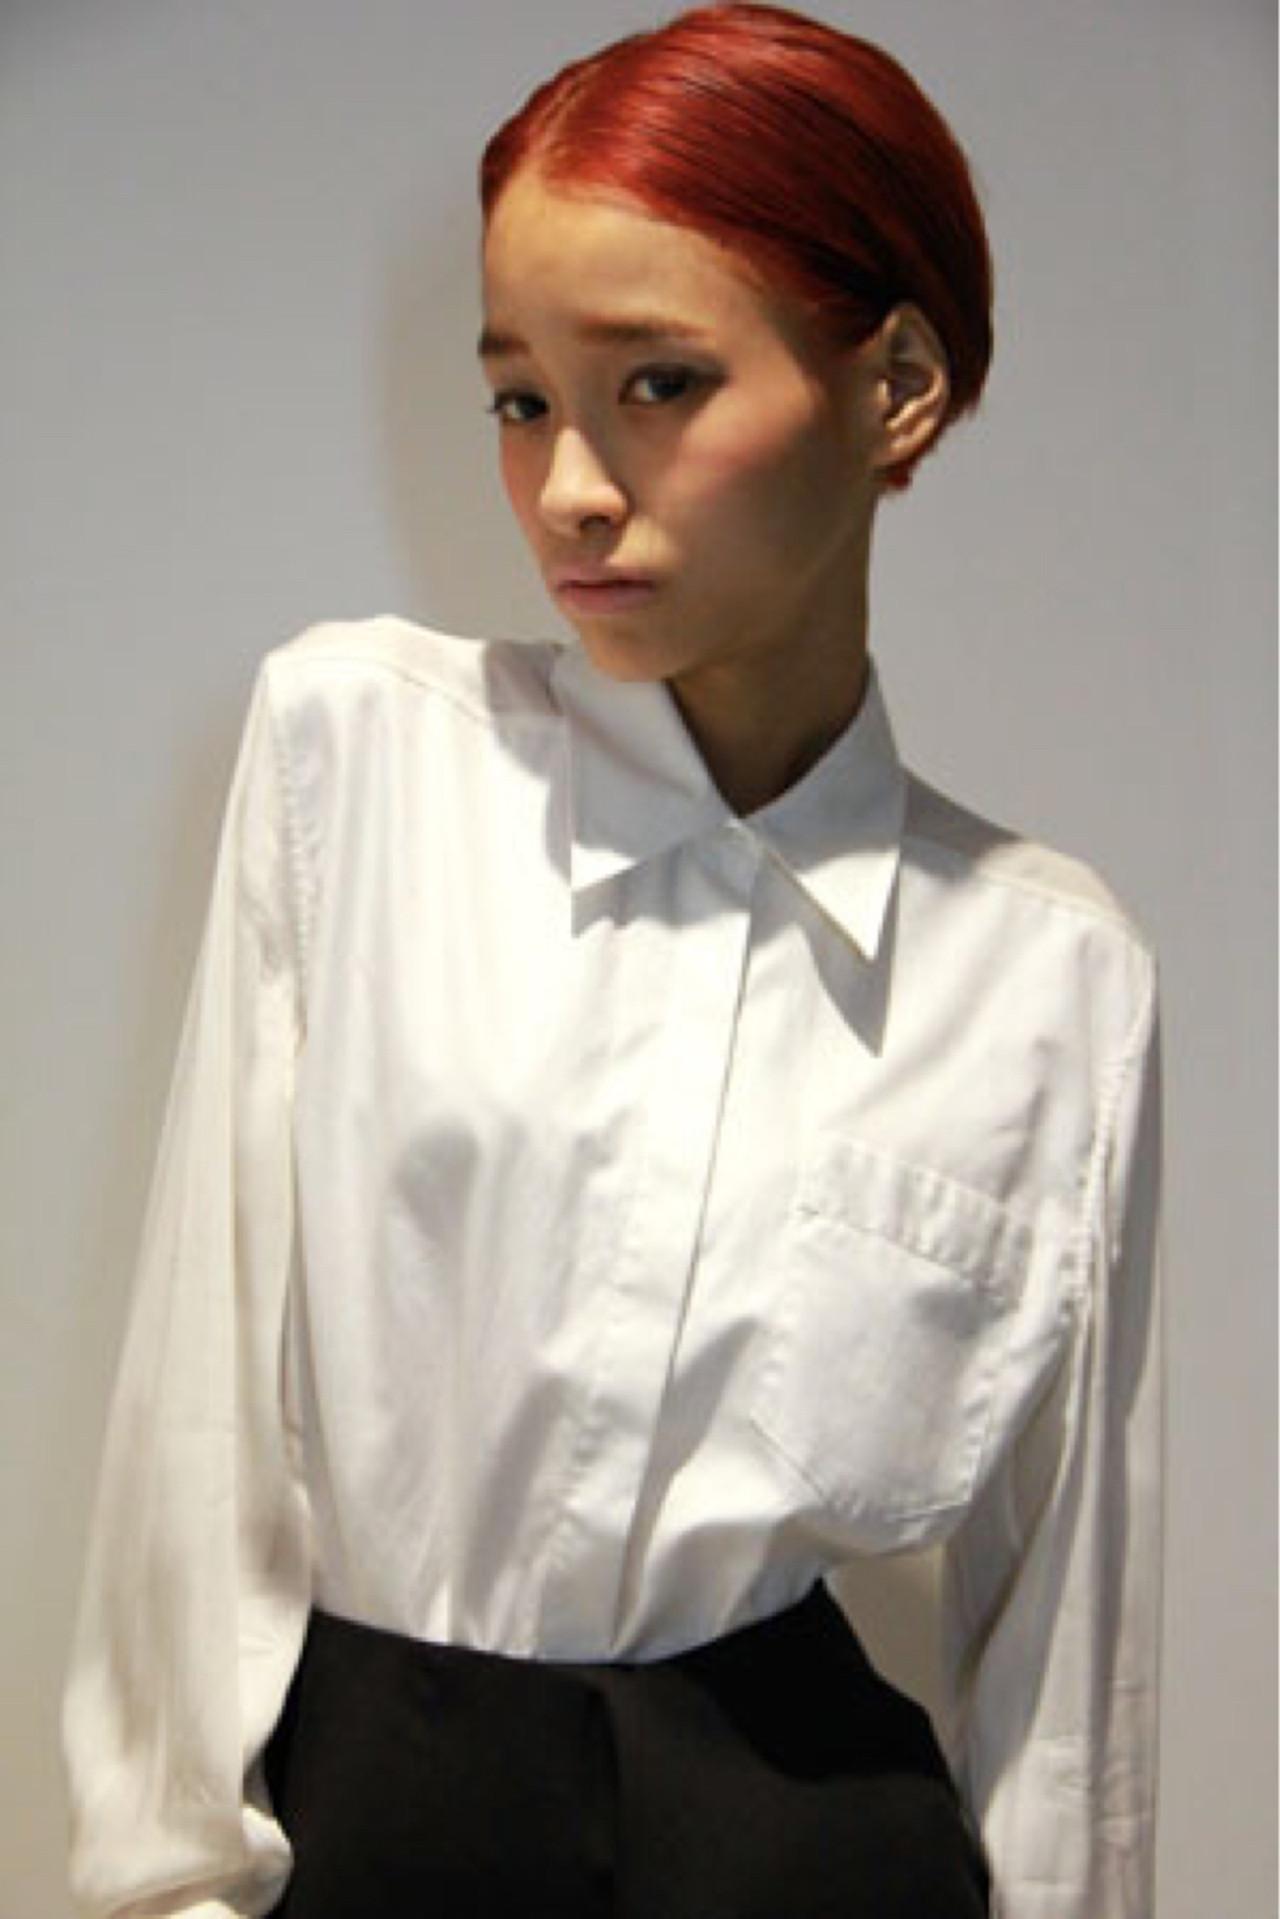 ピンク ショート 耳かけ ダブルカラー ヘアスタイルや髪型の写真・画像 | 中田 大助 / V:olta